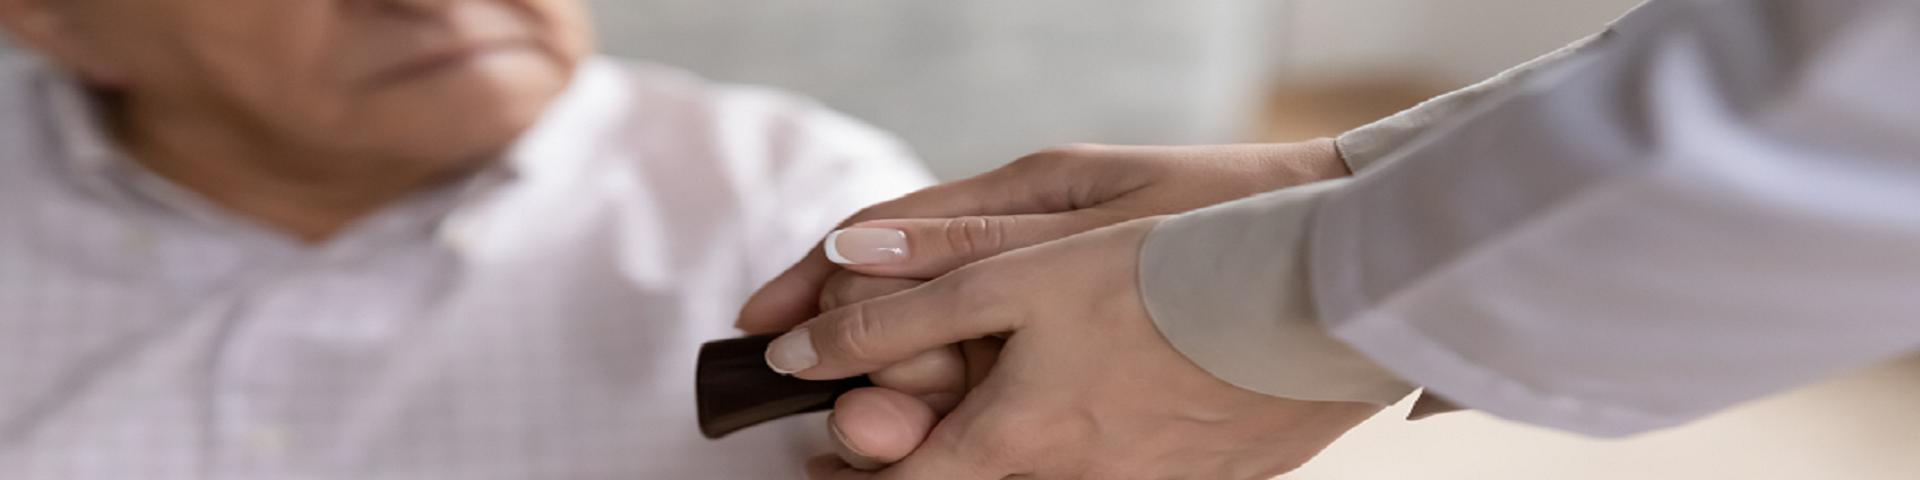 Frau hält älterem Mann Hand